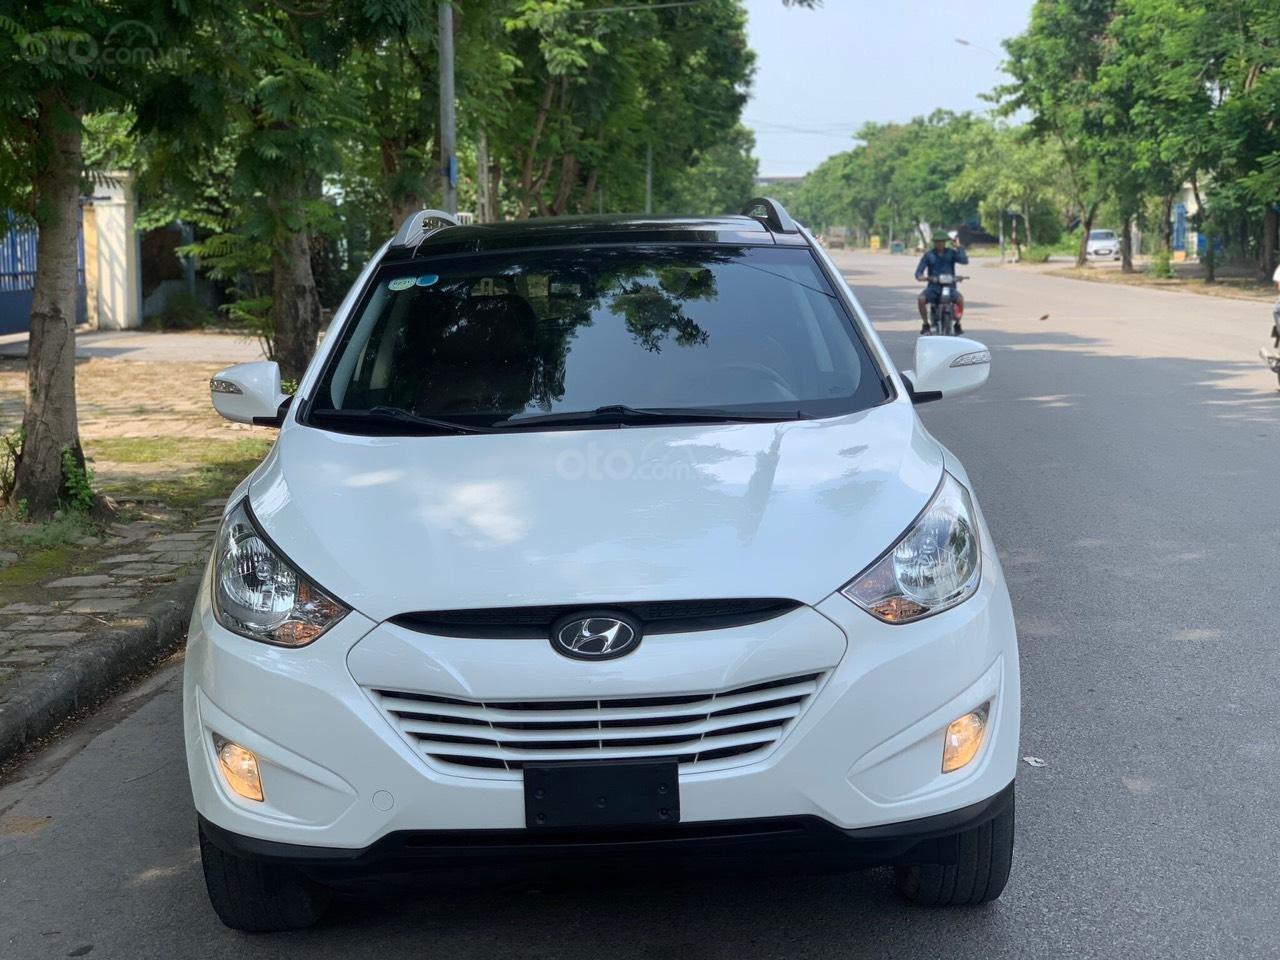 Bán nhanh Hyundai Tucson năm sản xuất 2012 xe đẹp nguyên bản (1)